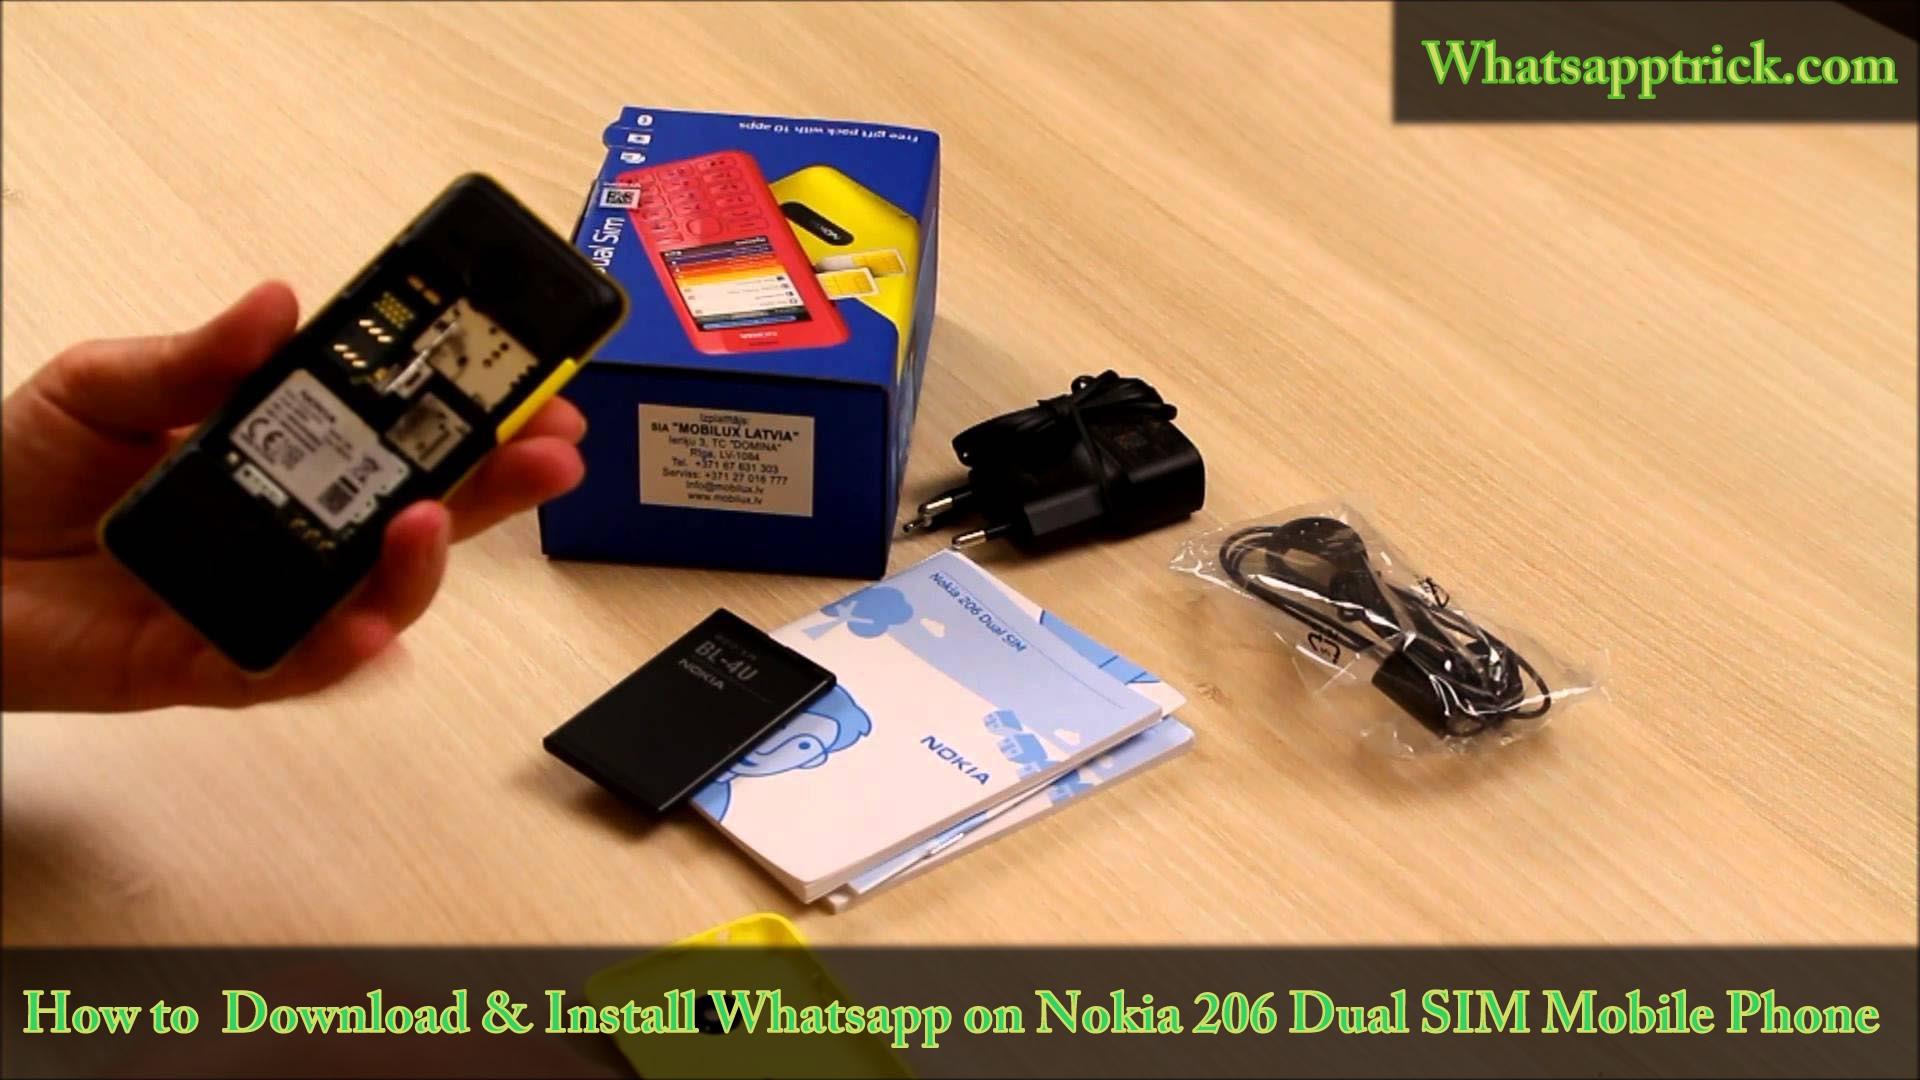 Unboxing Nokia 206 Dual SIM Mobile Phone